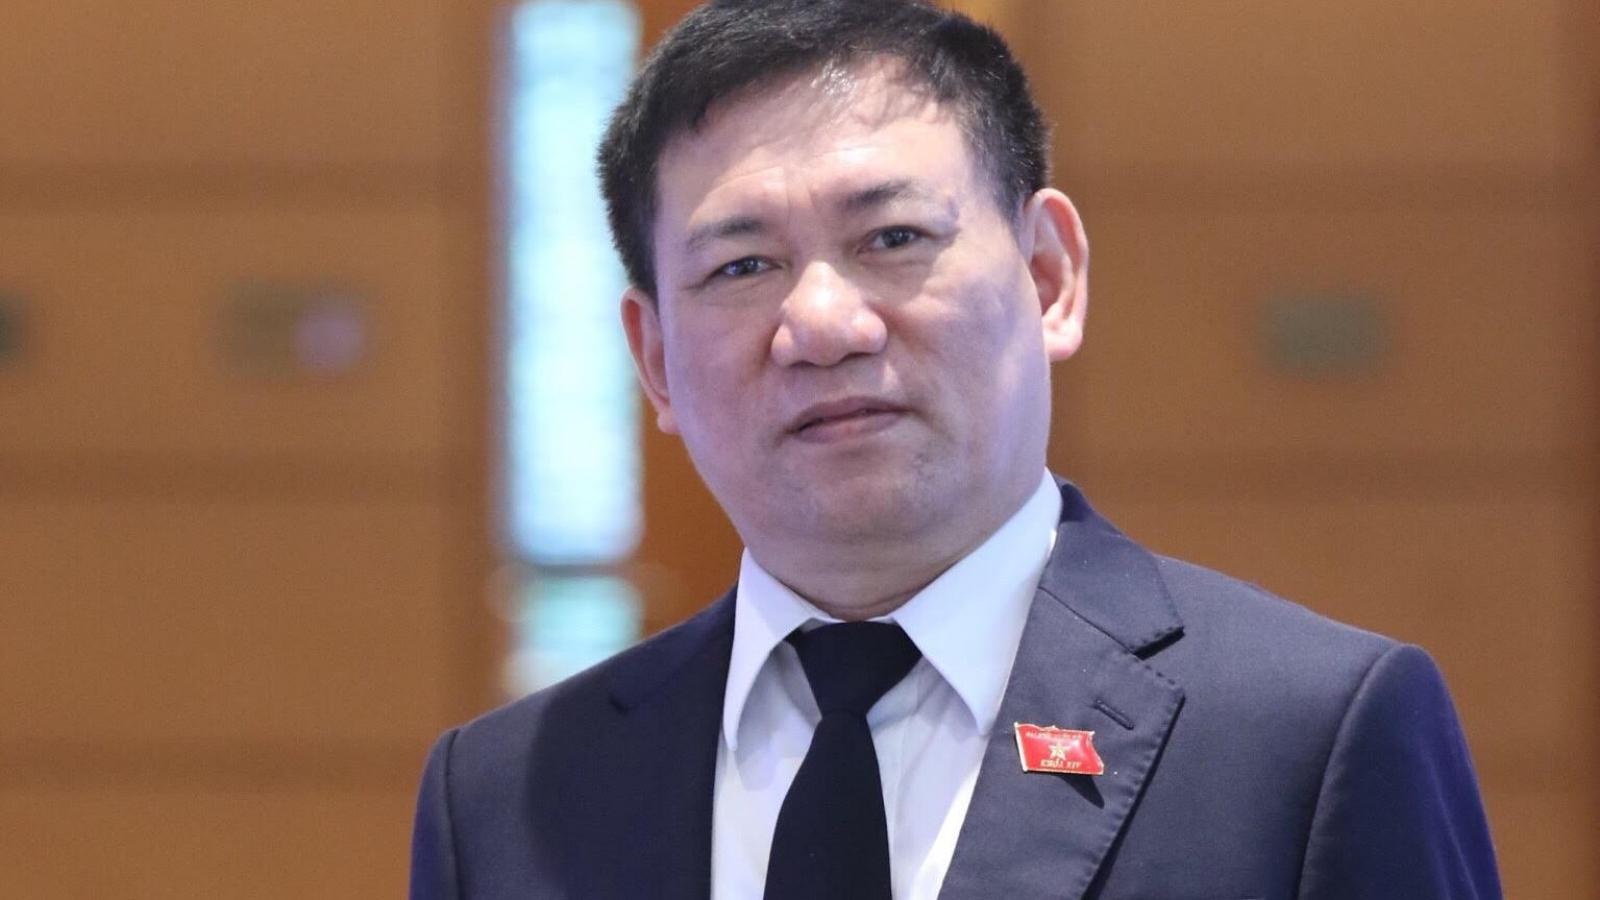 Tân Bộ trưởng Bộ Tài chính Hồ Đức Phớc: Cải cách hành chính gỡ nút thắt kinh tế